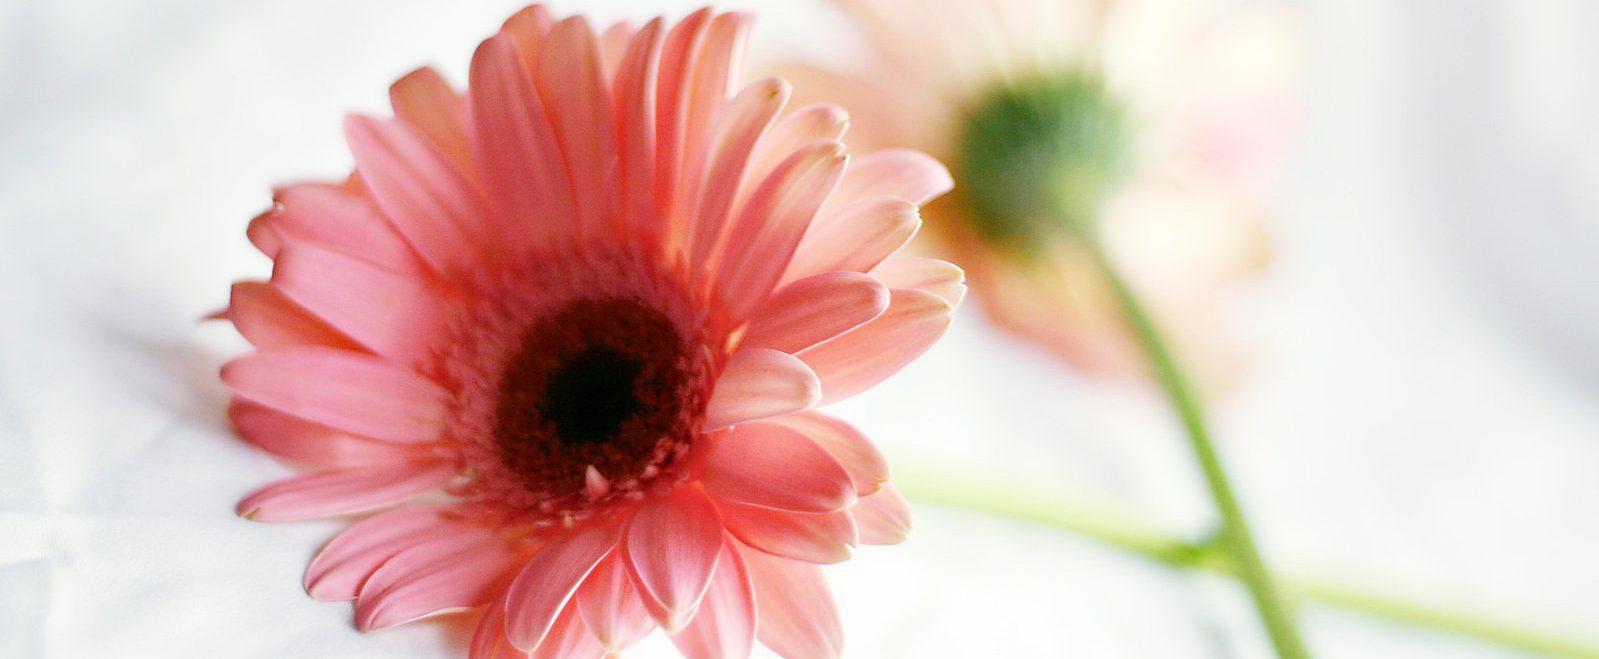 lucky-flower